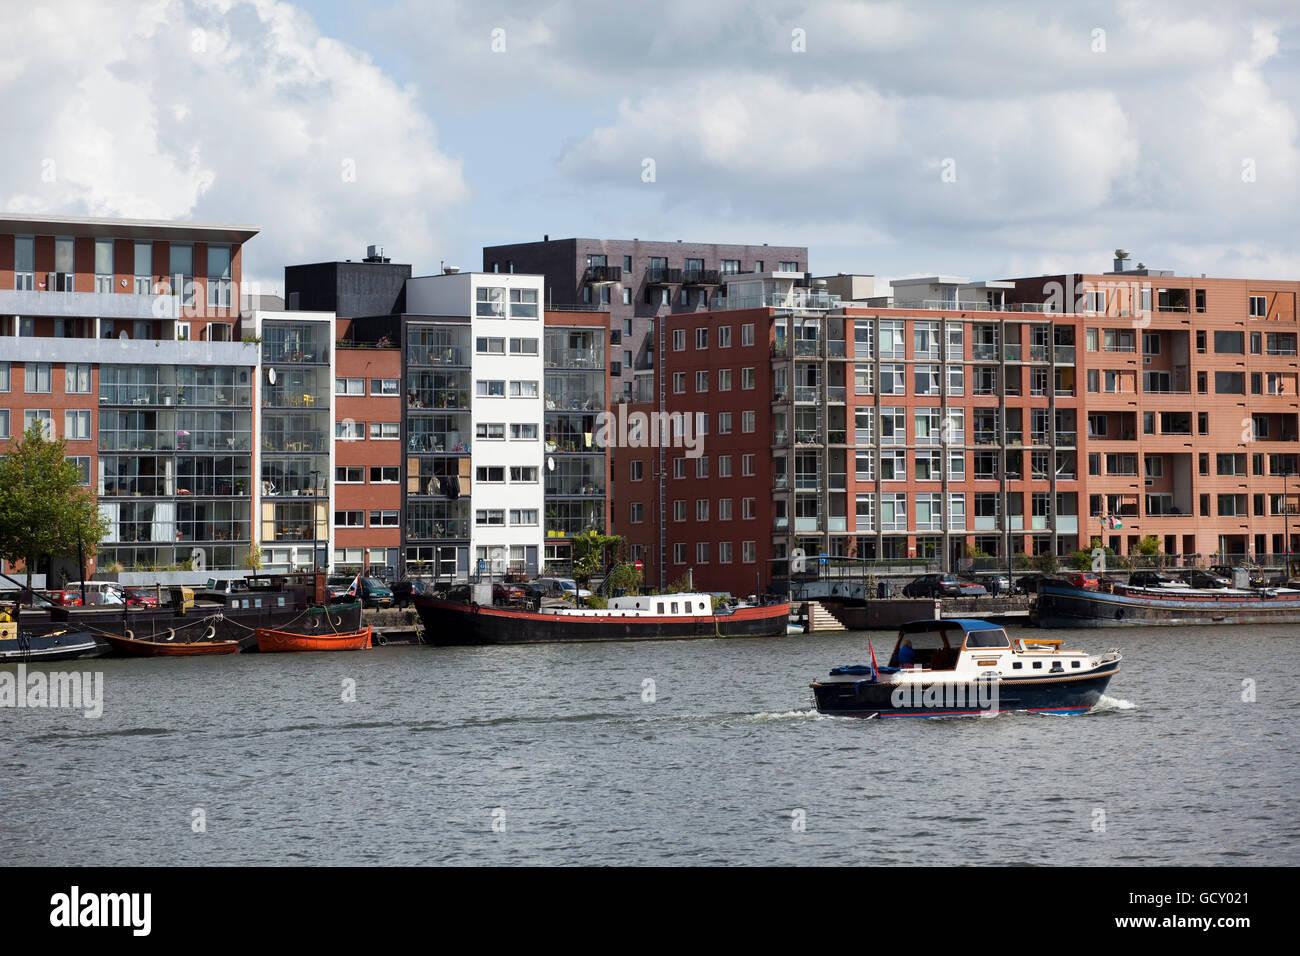 Den letzten Wohnungsbau auf Java Insel, künstliche Insel, Amsterdam, Holland Region, Niederlande, Europa Stockbild